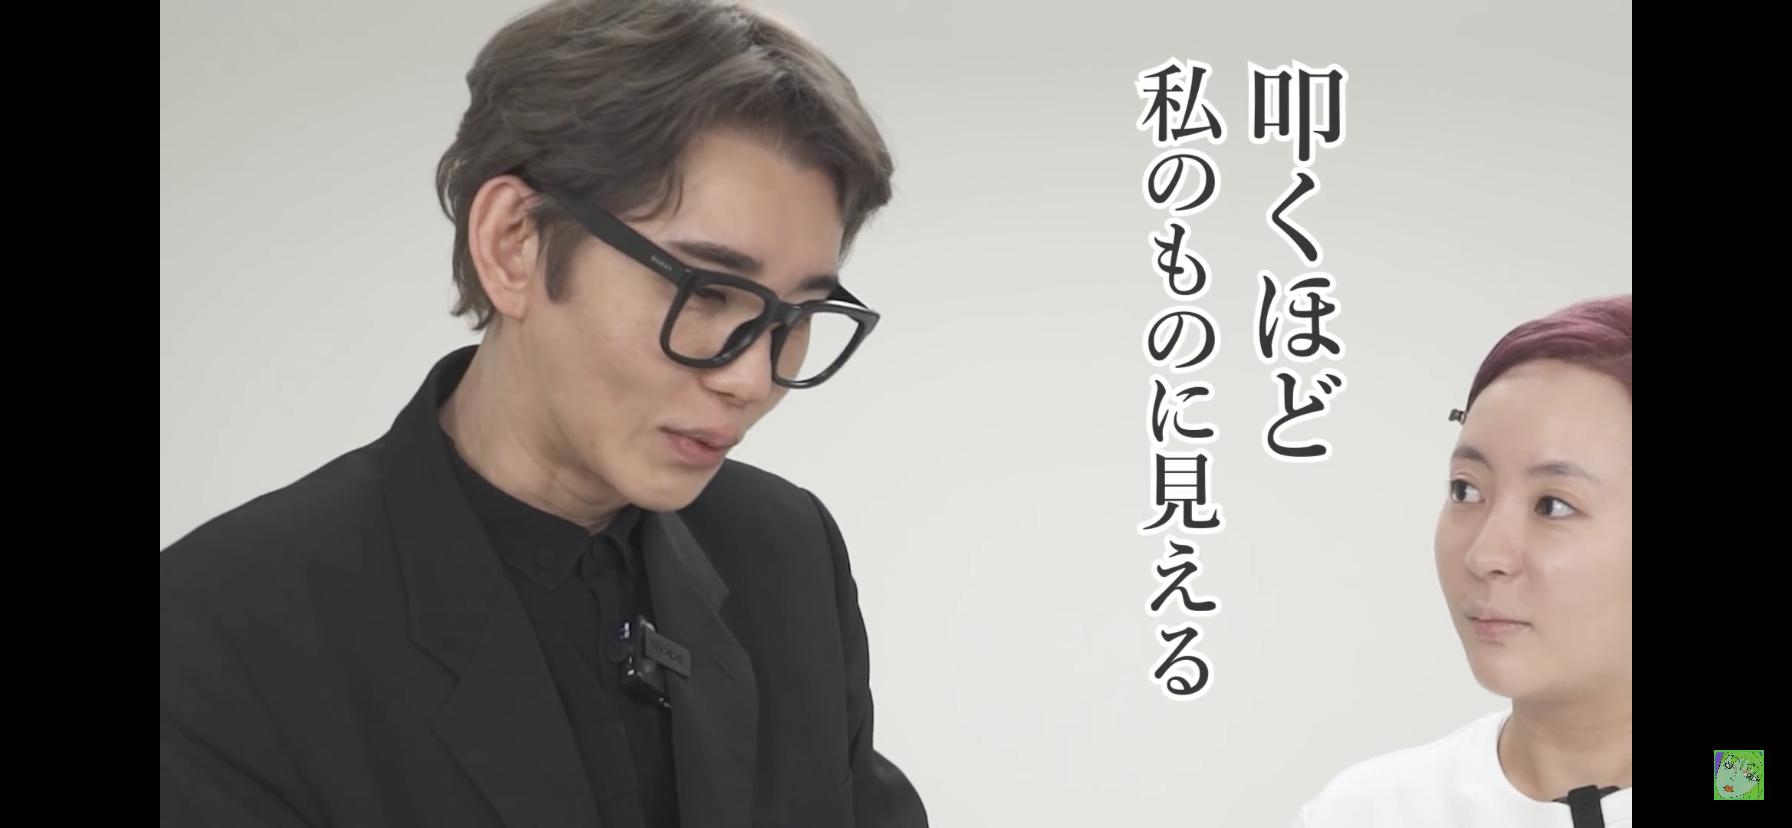 会社員Aちゃんソンデシク先生コラボ動画